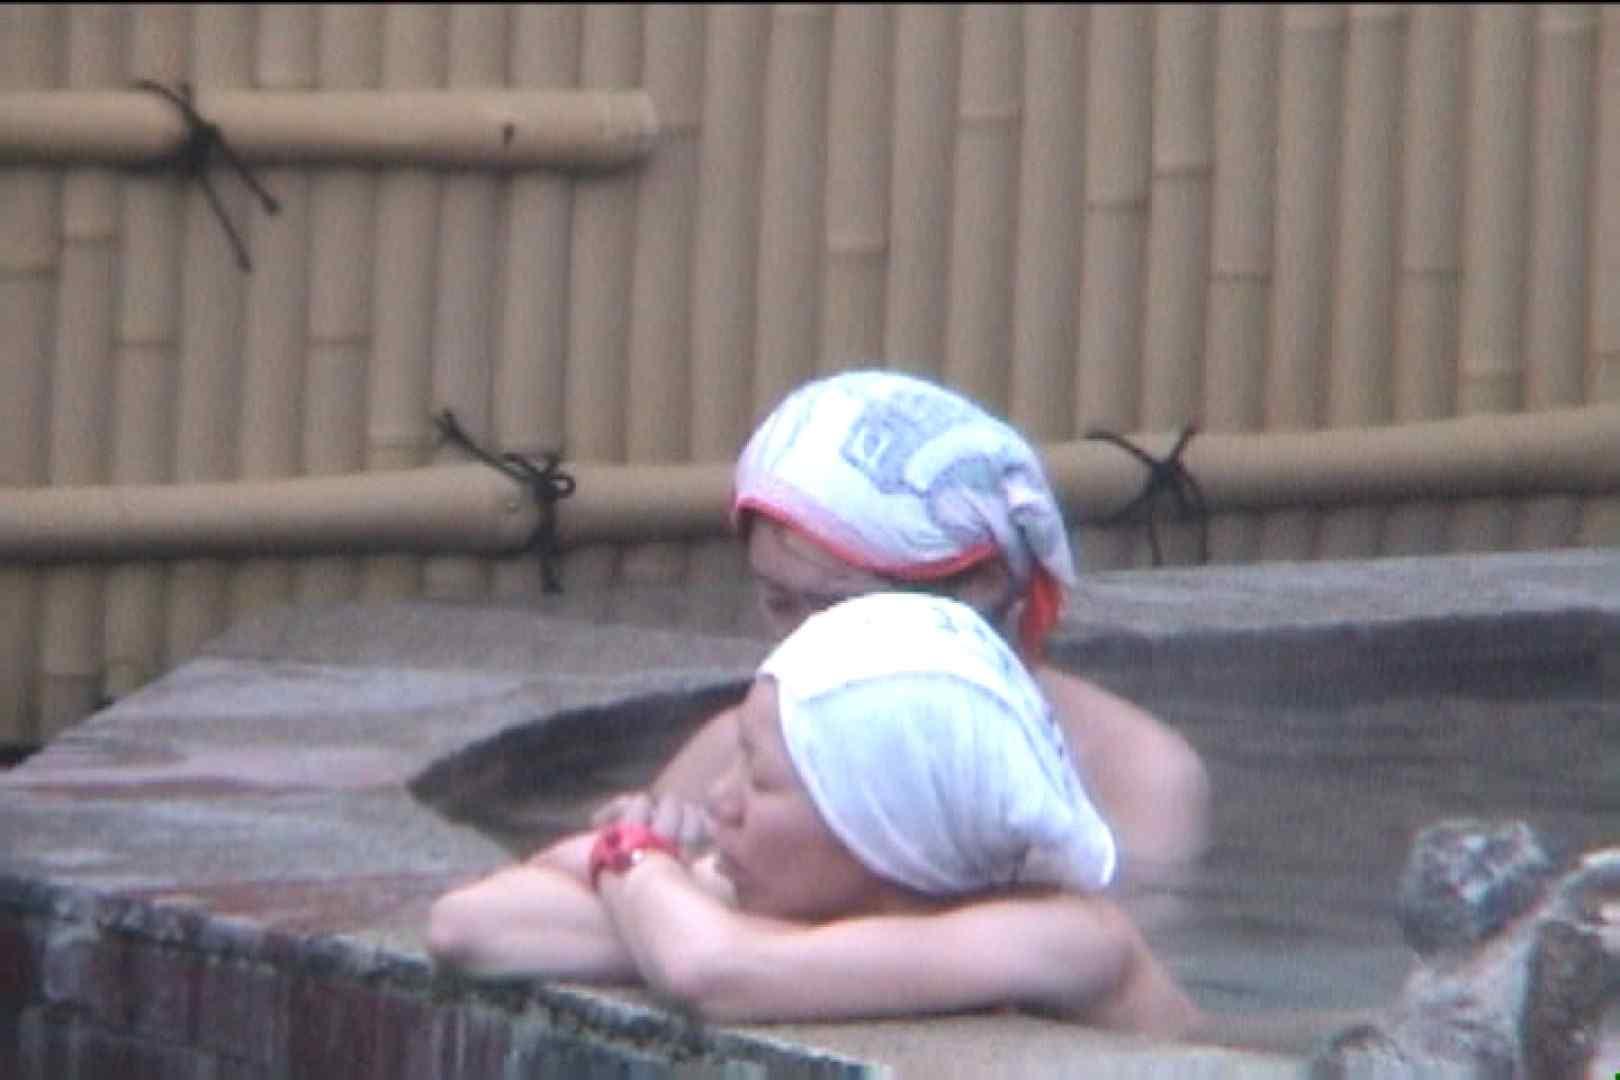 Aquaな露天風呂Vol.91【VIP限定】 盗撮シリーズ  99PIX 58